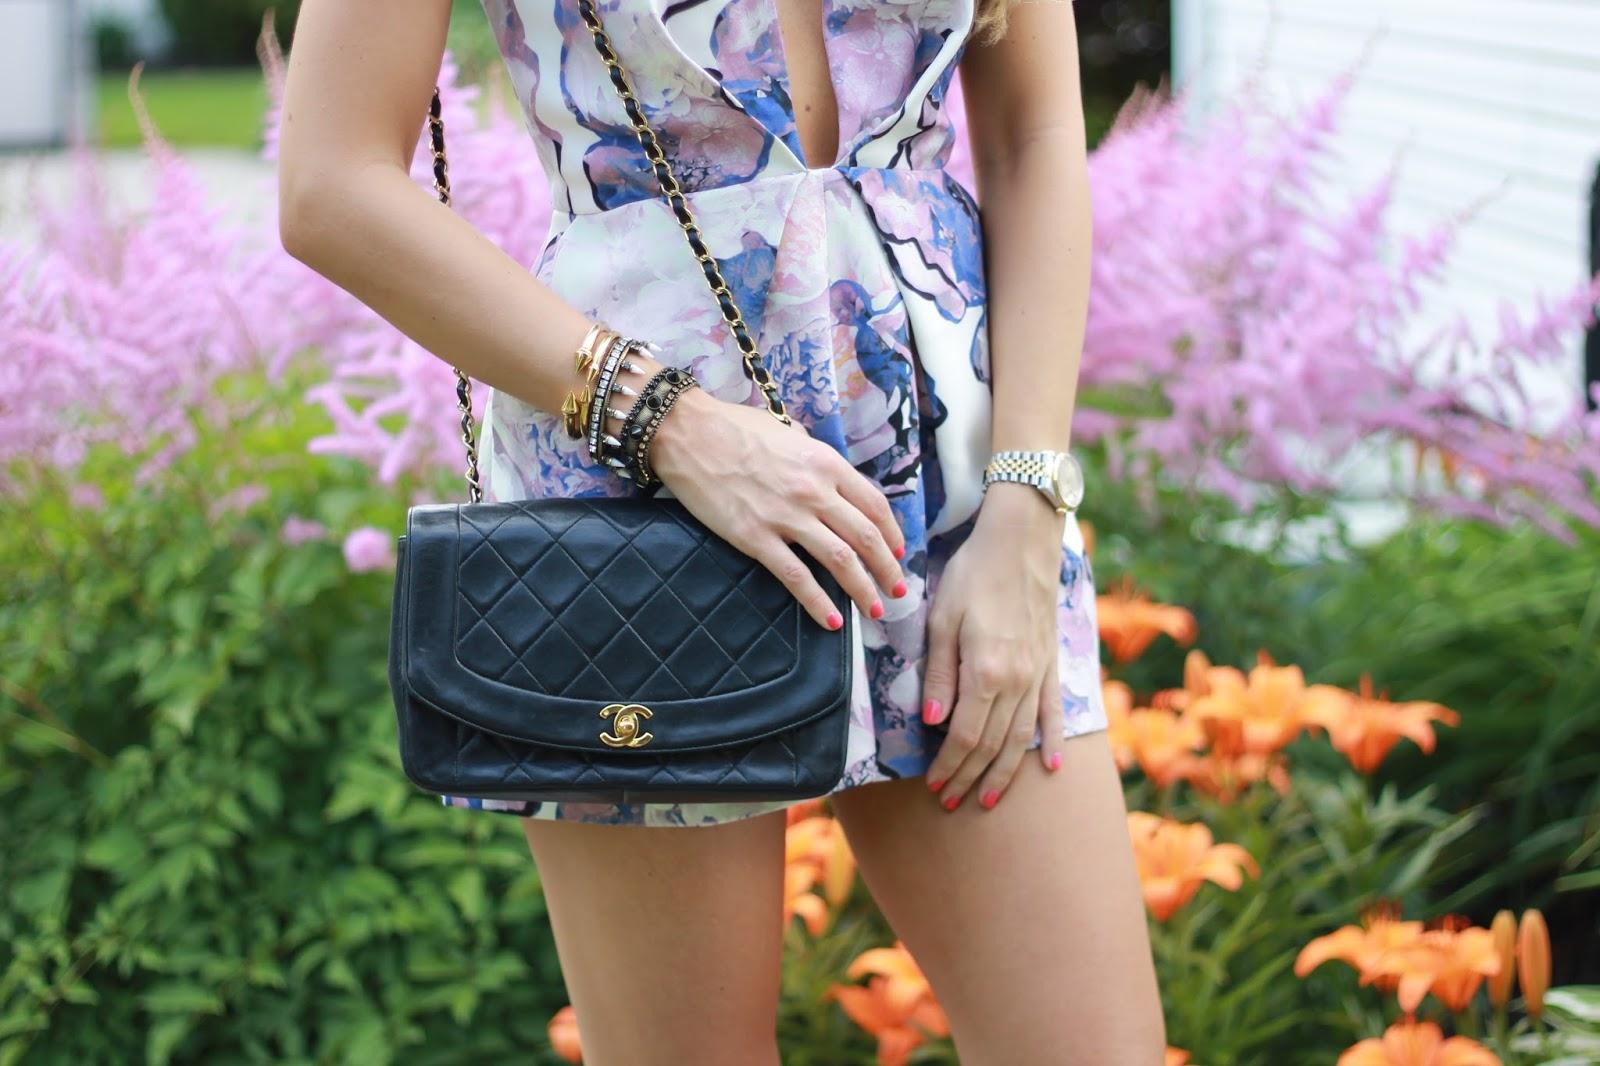 chanel vintage black bag, wcaga vintage chanel, lionette bracelet